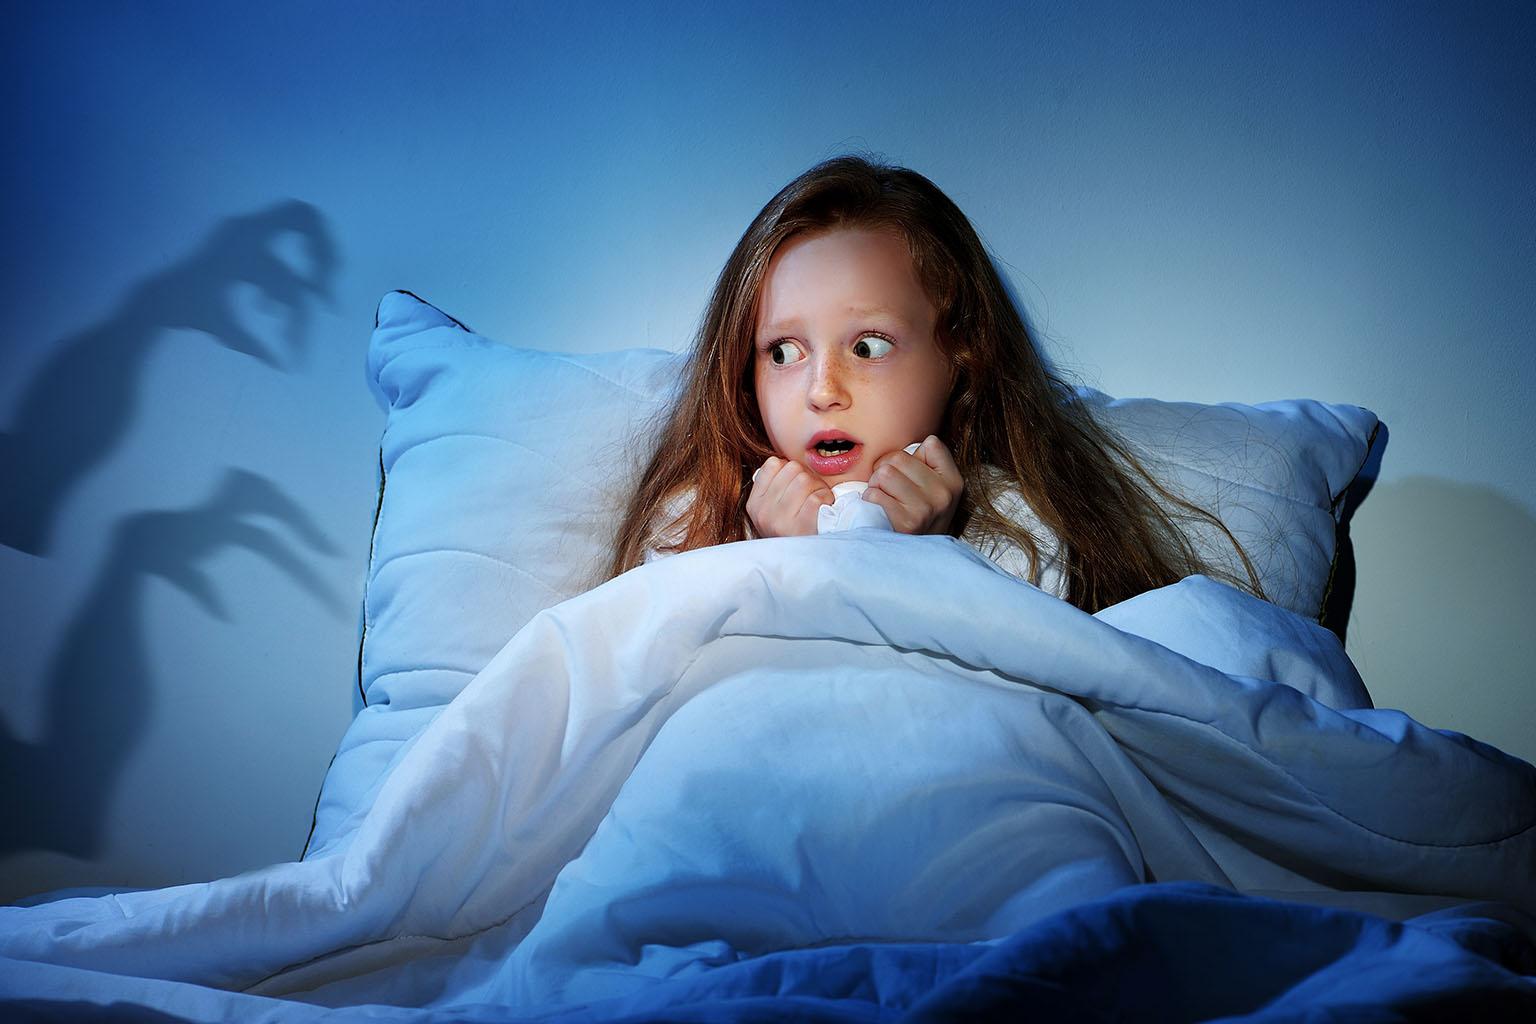 Co zrobić, gdy dziecko boi się ciemności? Dziewczynka skrywa się w łóżku pod kołdrą - boi się, że z ciemności wyjdą potwory - na ścianie widać cienie szponów.